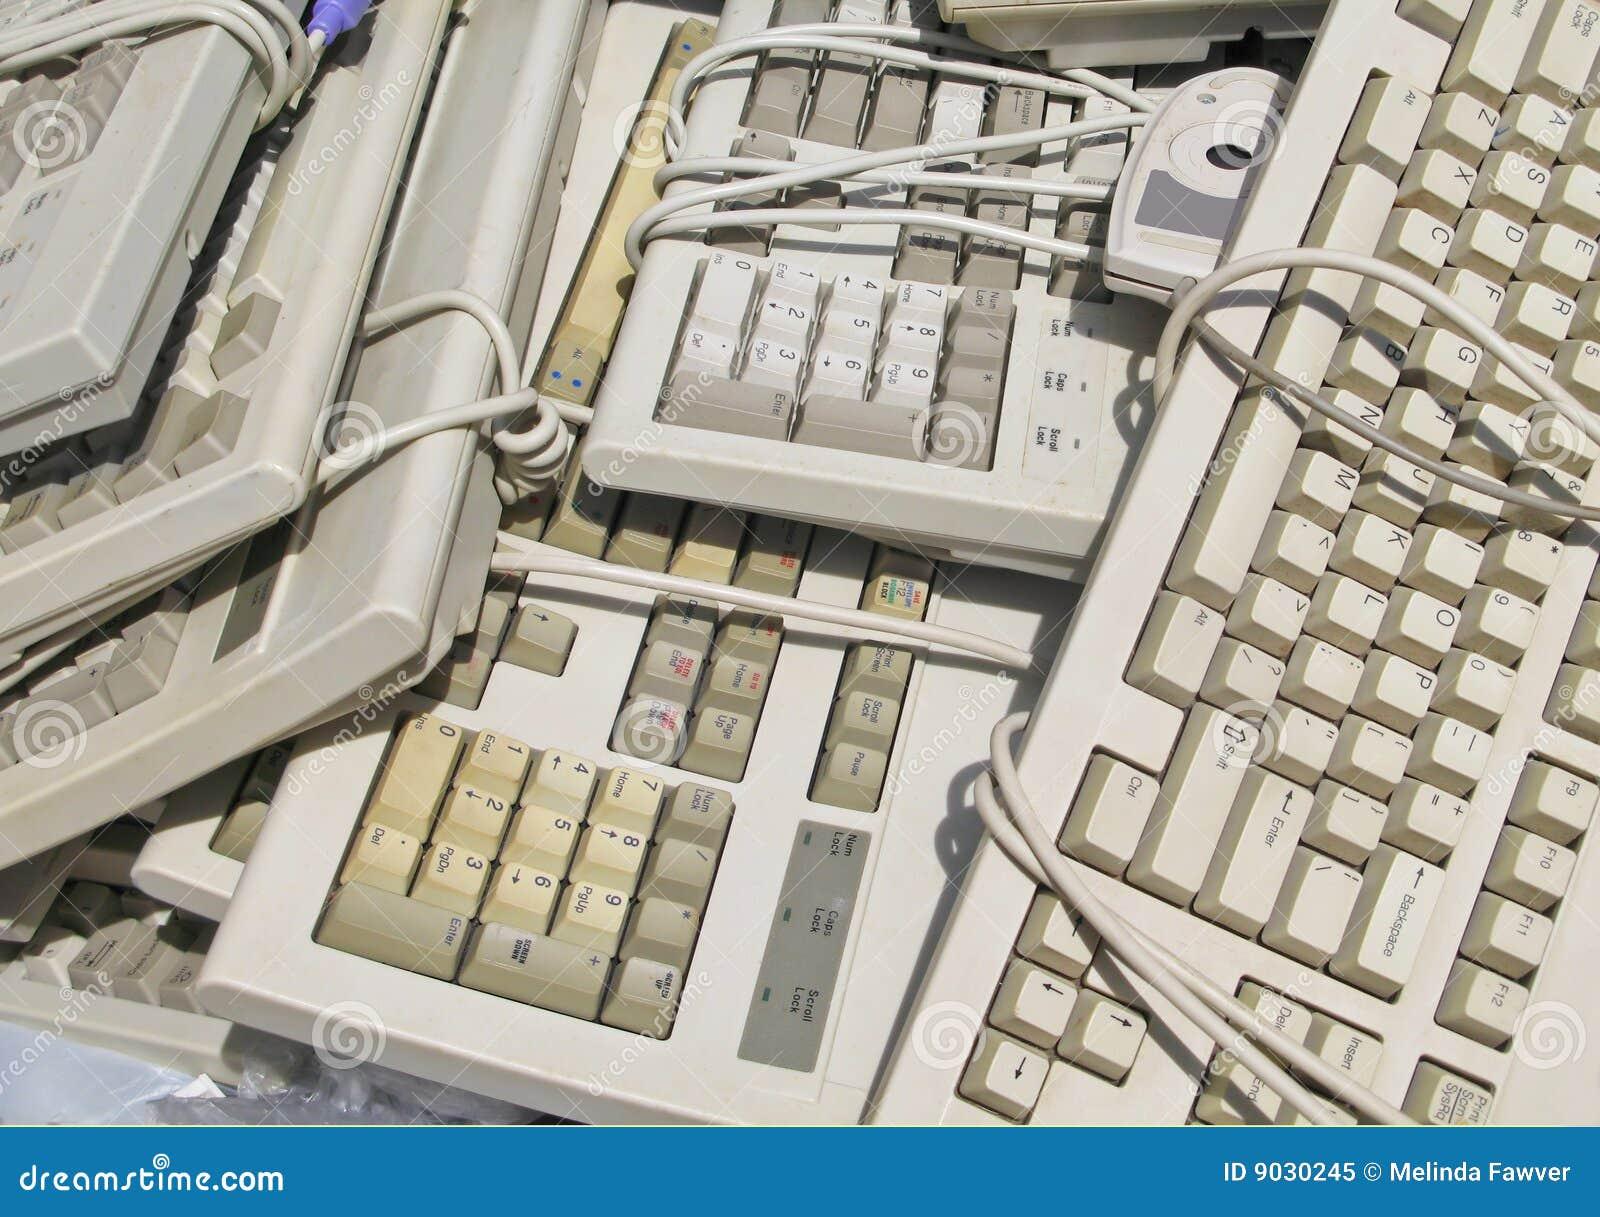 Teclados de ordenador reciclados foto de archivo libre de - Foto teclado ordenador ...